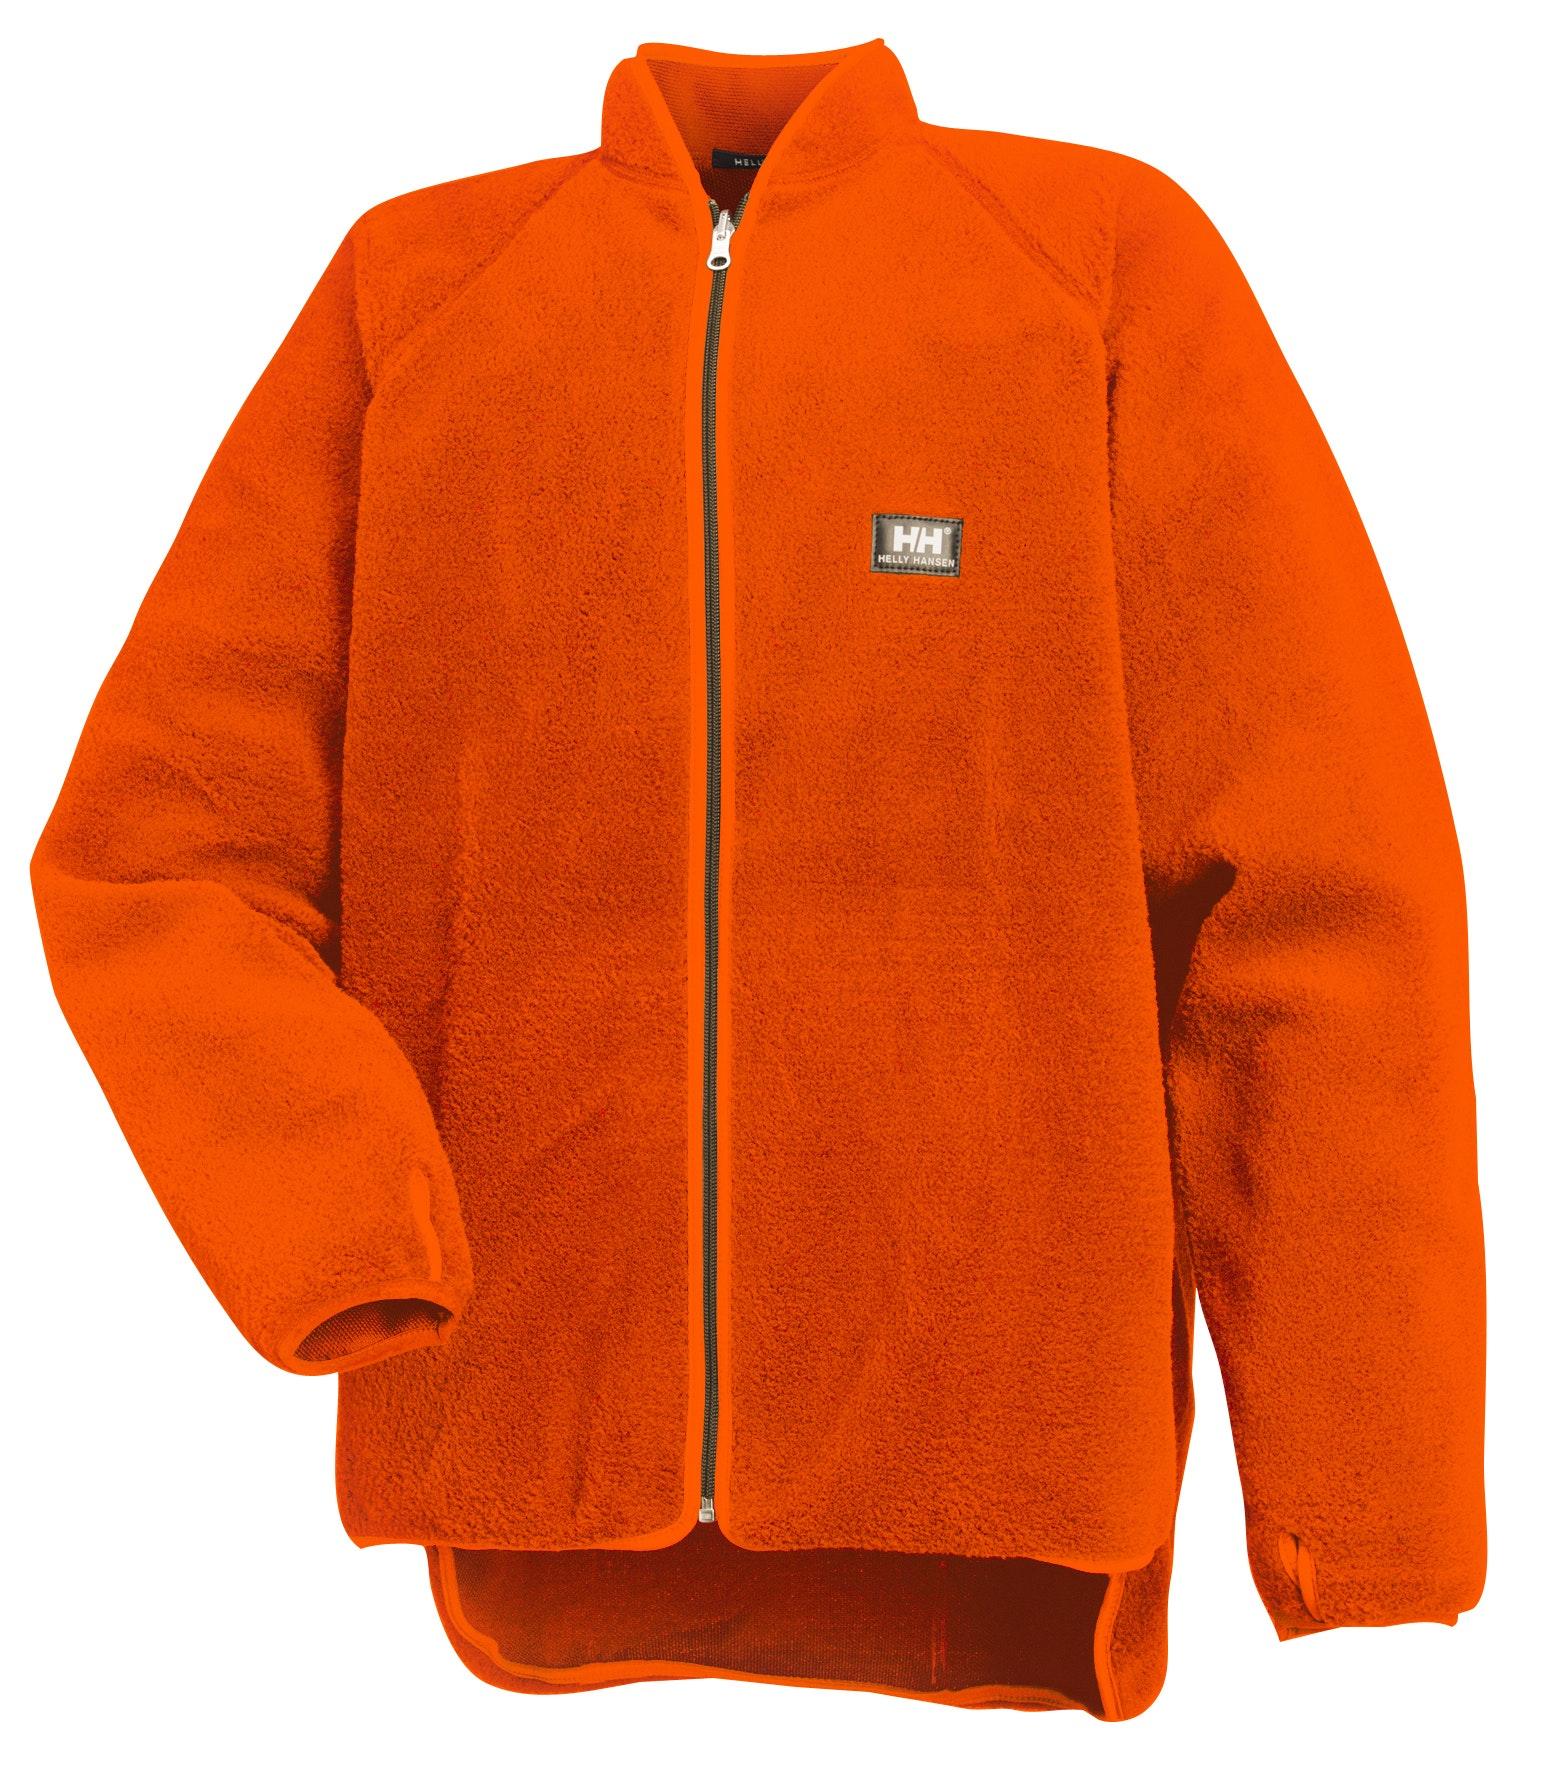 Pälsfiberjacka Helly Hansen Orange XXL Basel